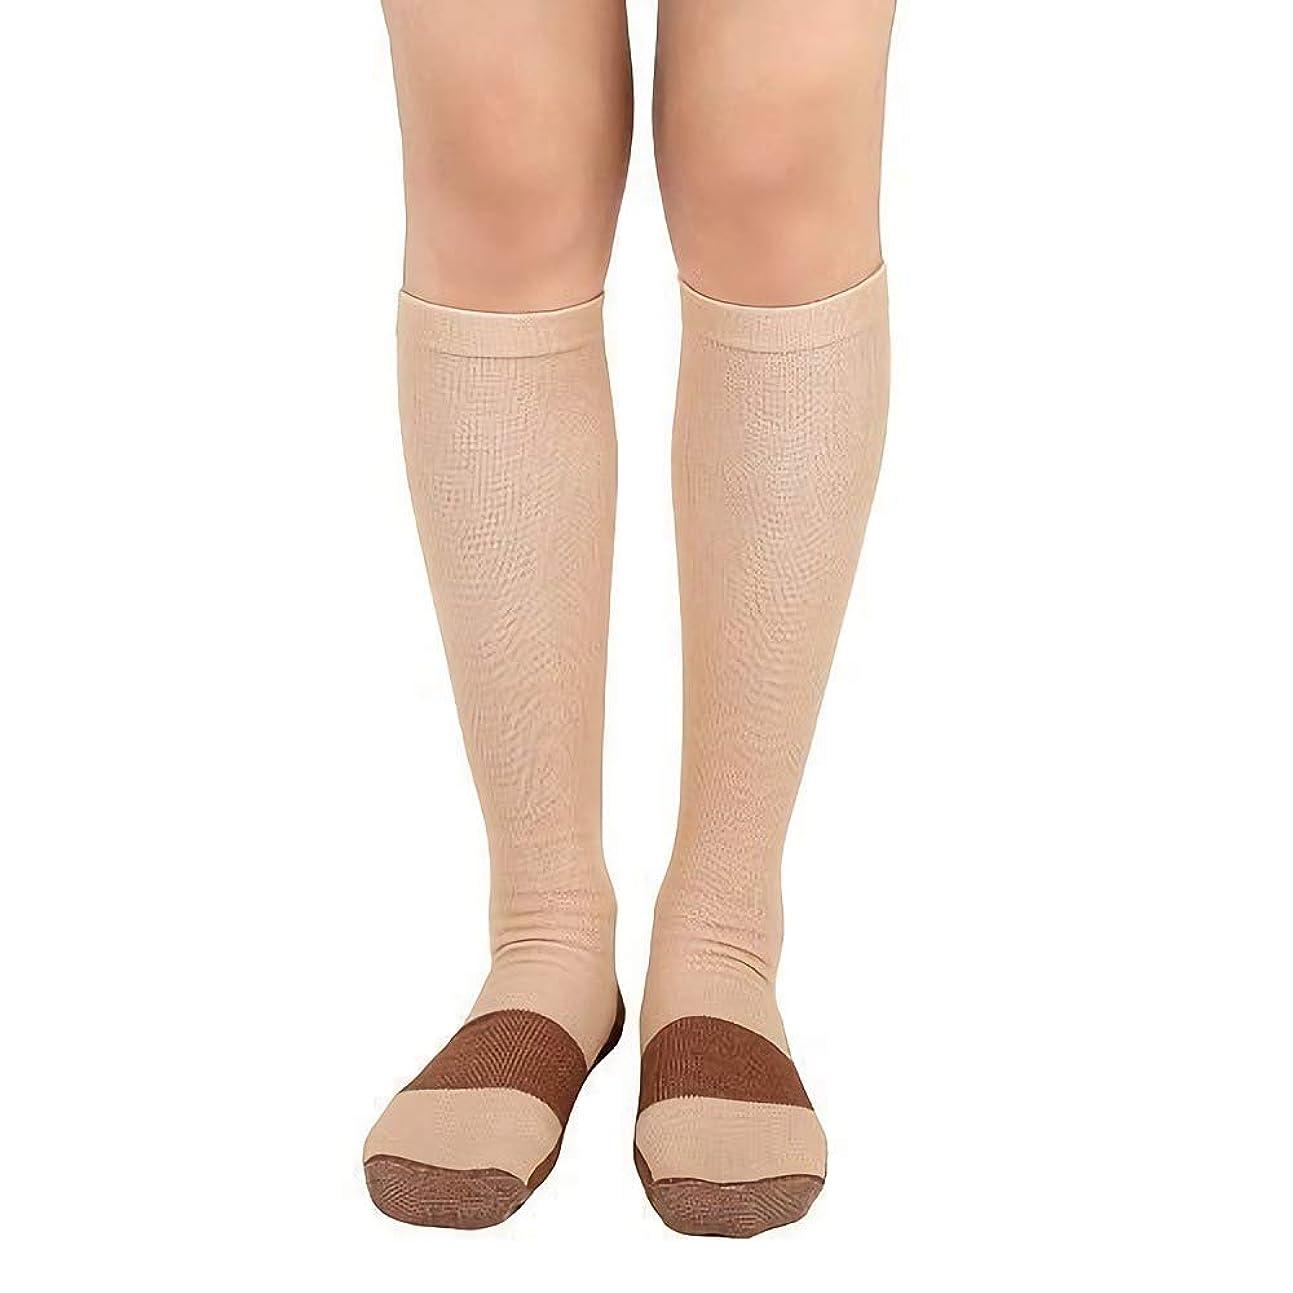 線下コーン着圧ソックス 銅圧縮 コンプレッションソックス 膝下 抗疲労 男女兼用ユニセックス (S/M, 肌色)